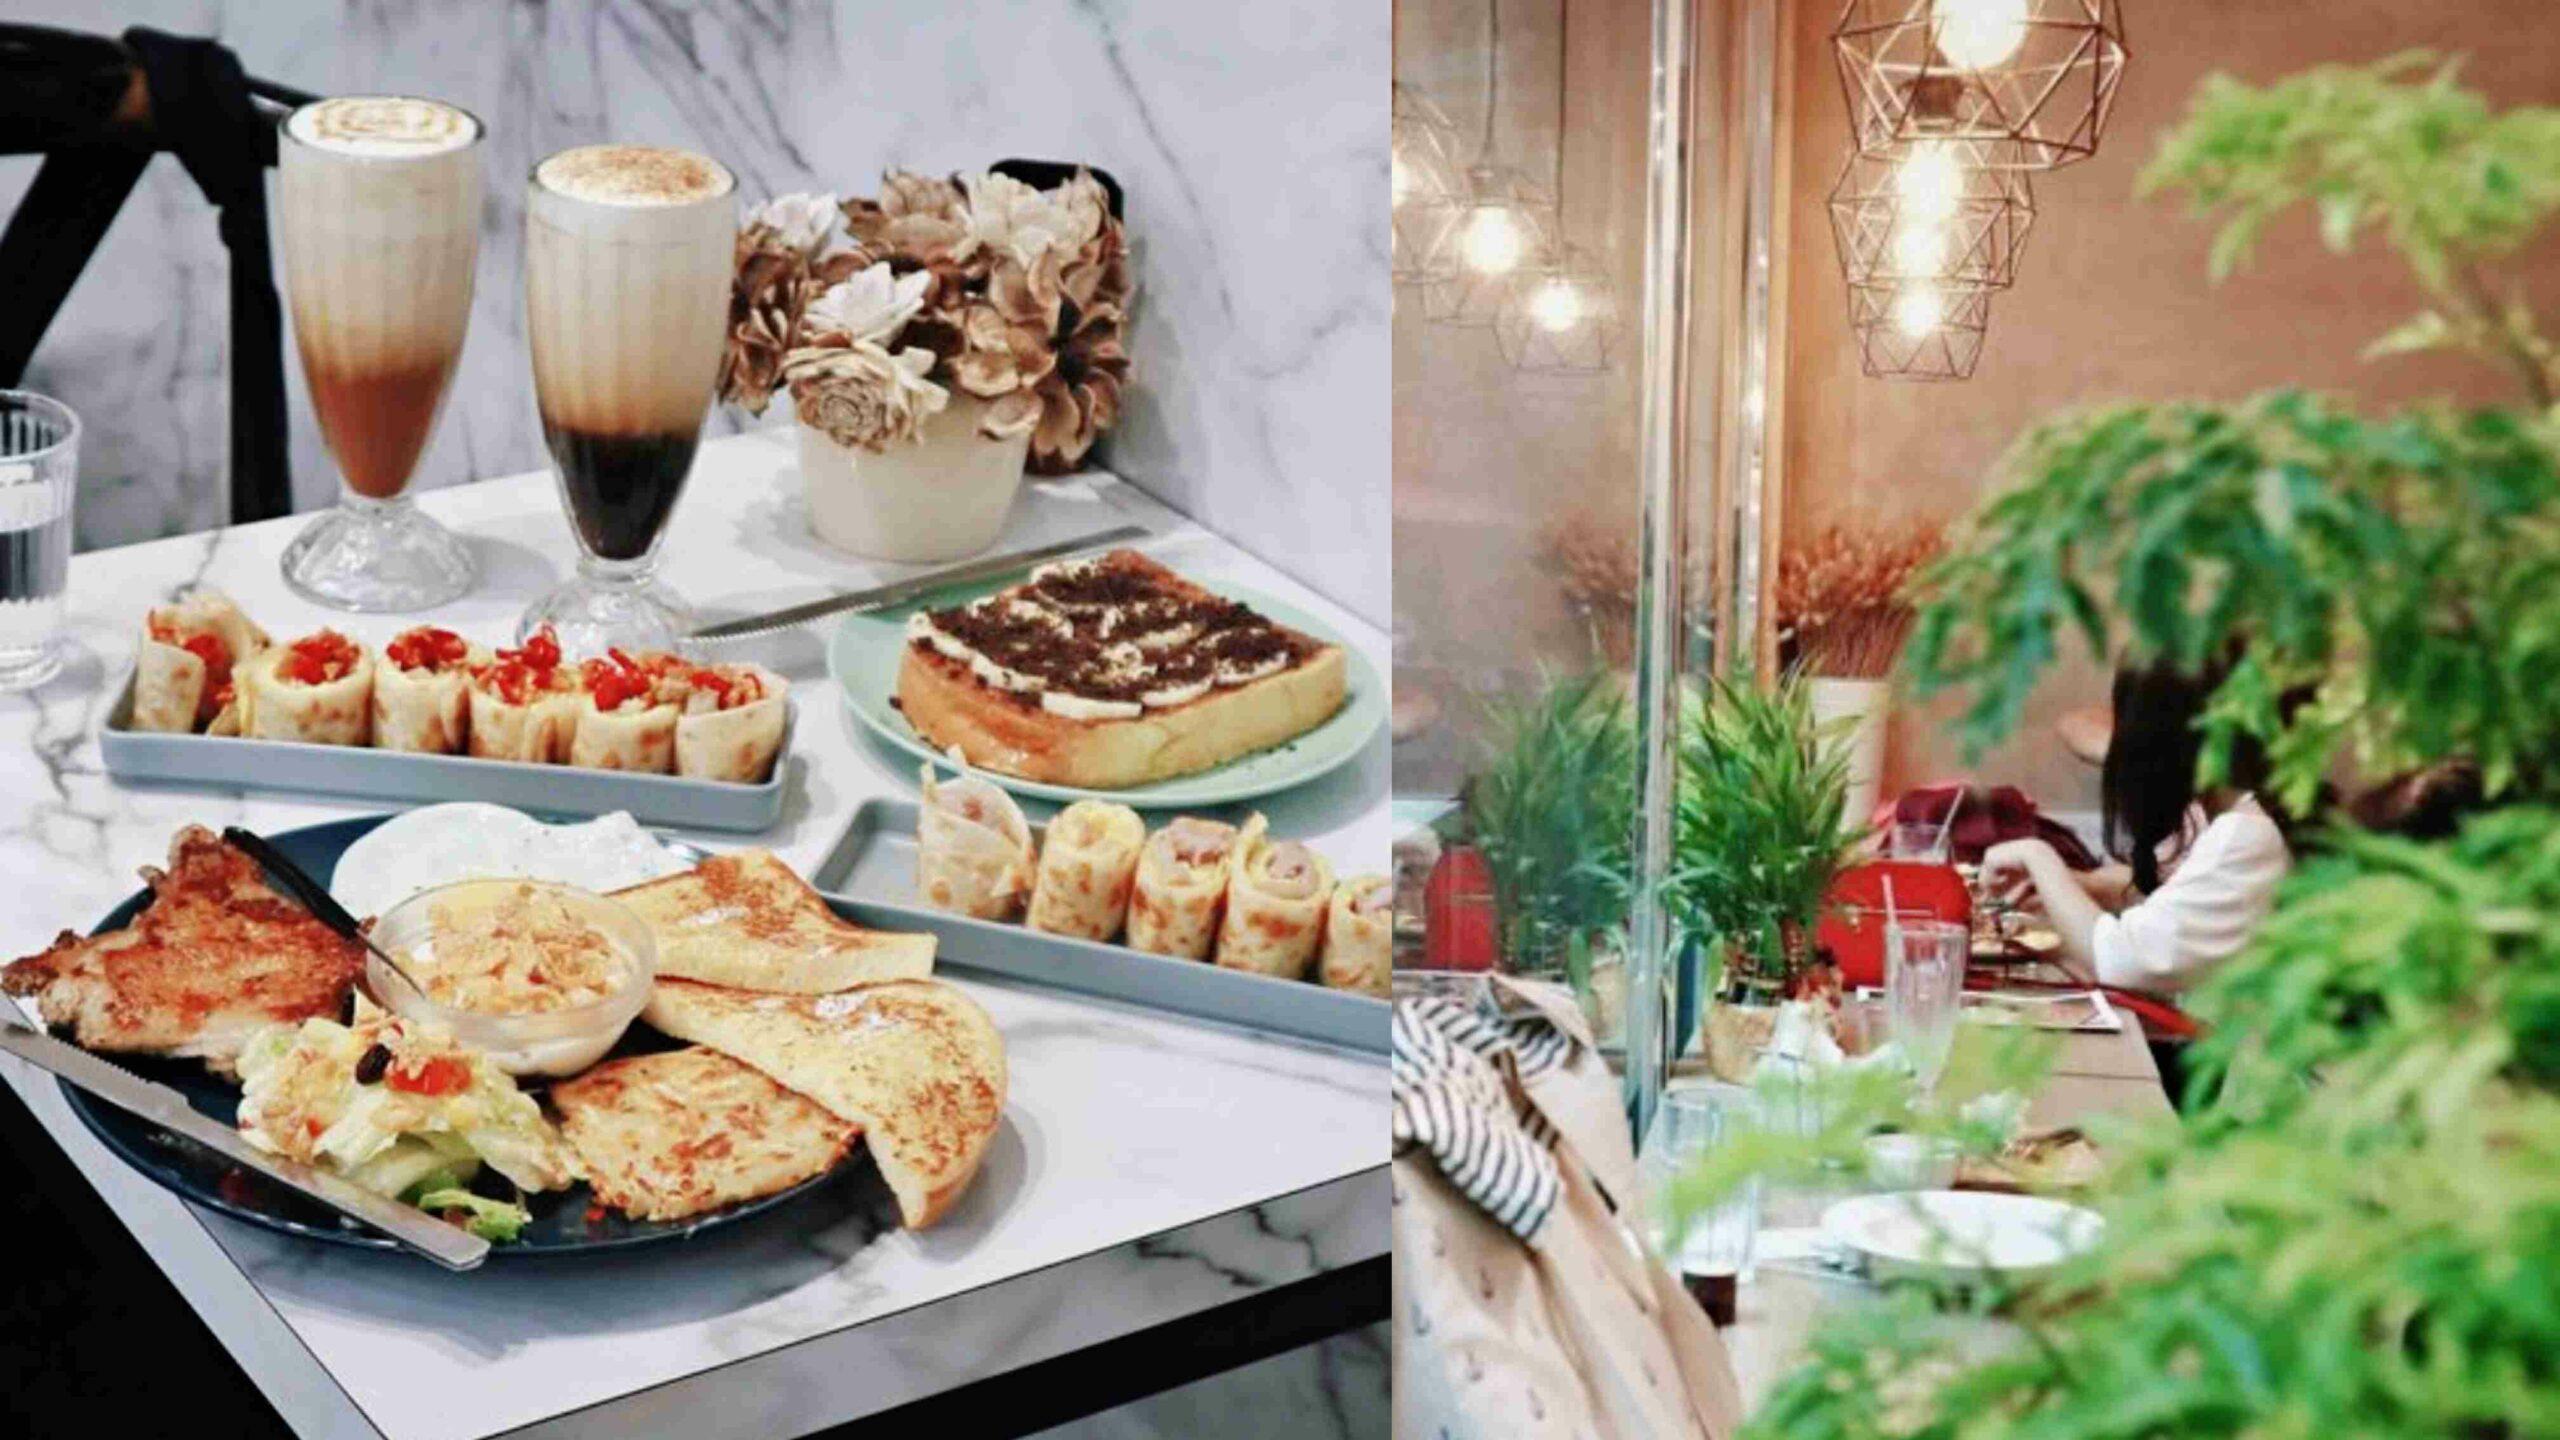 【蘆洲美食】上青初食:IG網美打卡文青早午餐 @女子的休假計劃